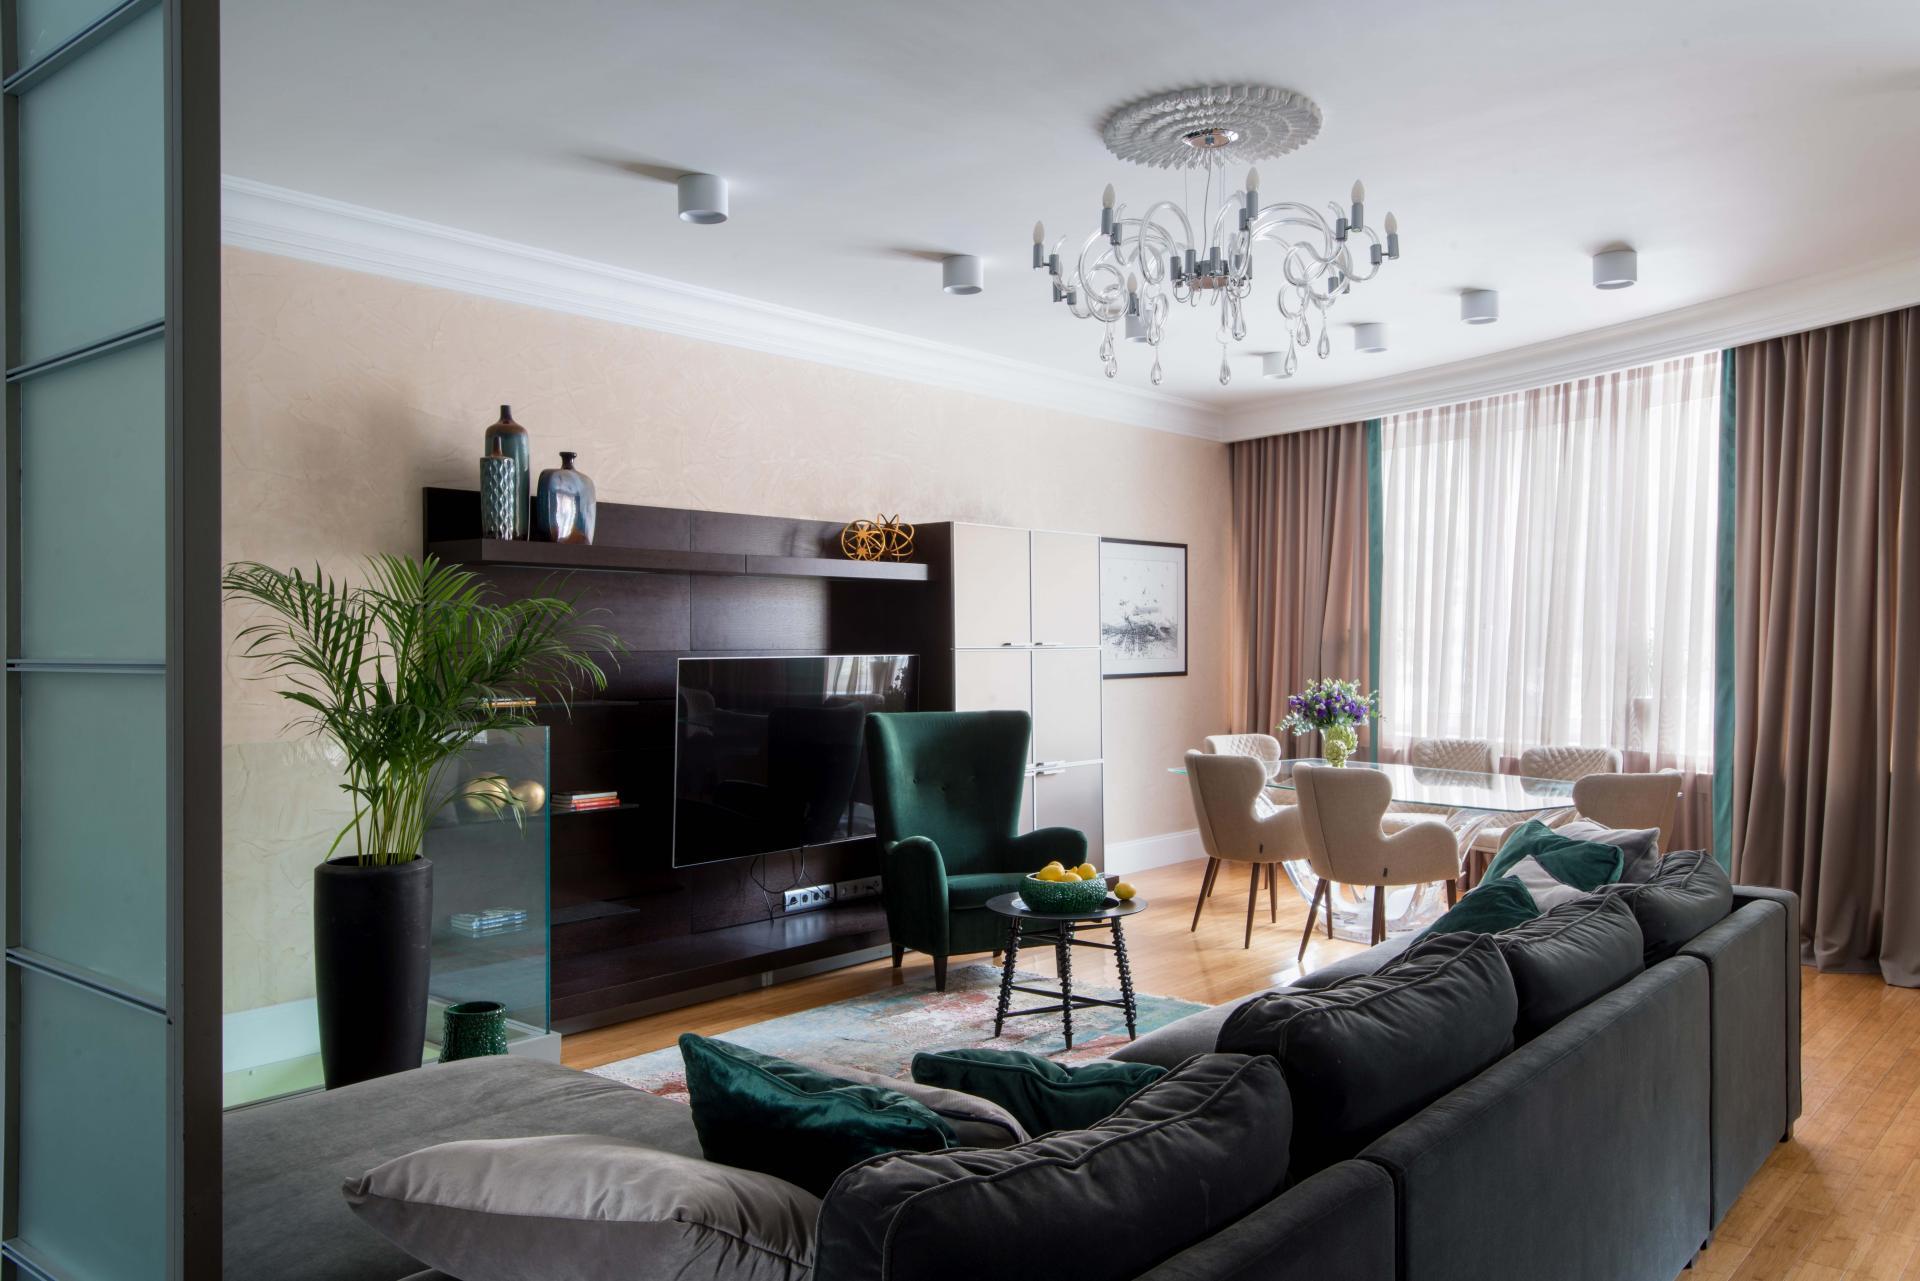 Дизайн двухуровневой квартиры площадью 150 кв.м. в Крылатском в ЖК Сосновка для семьи с двумя детьми